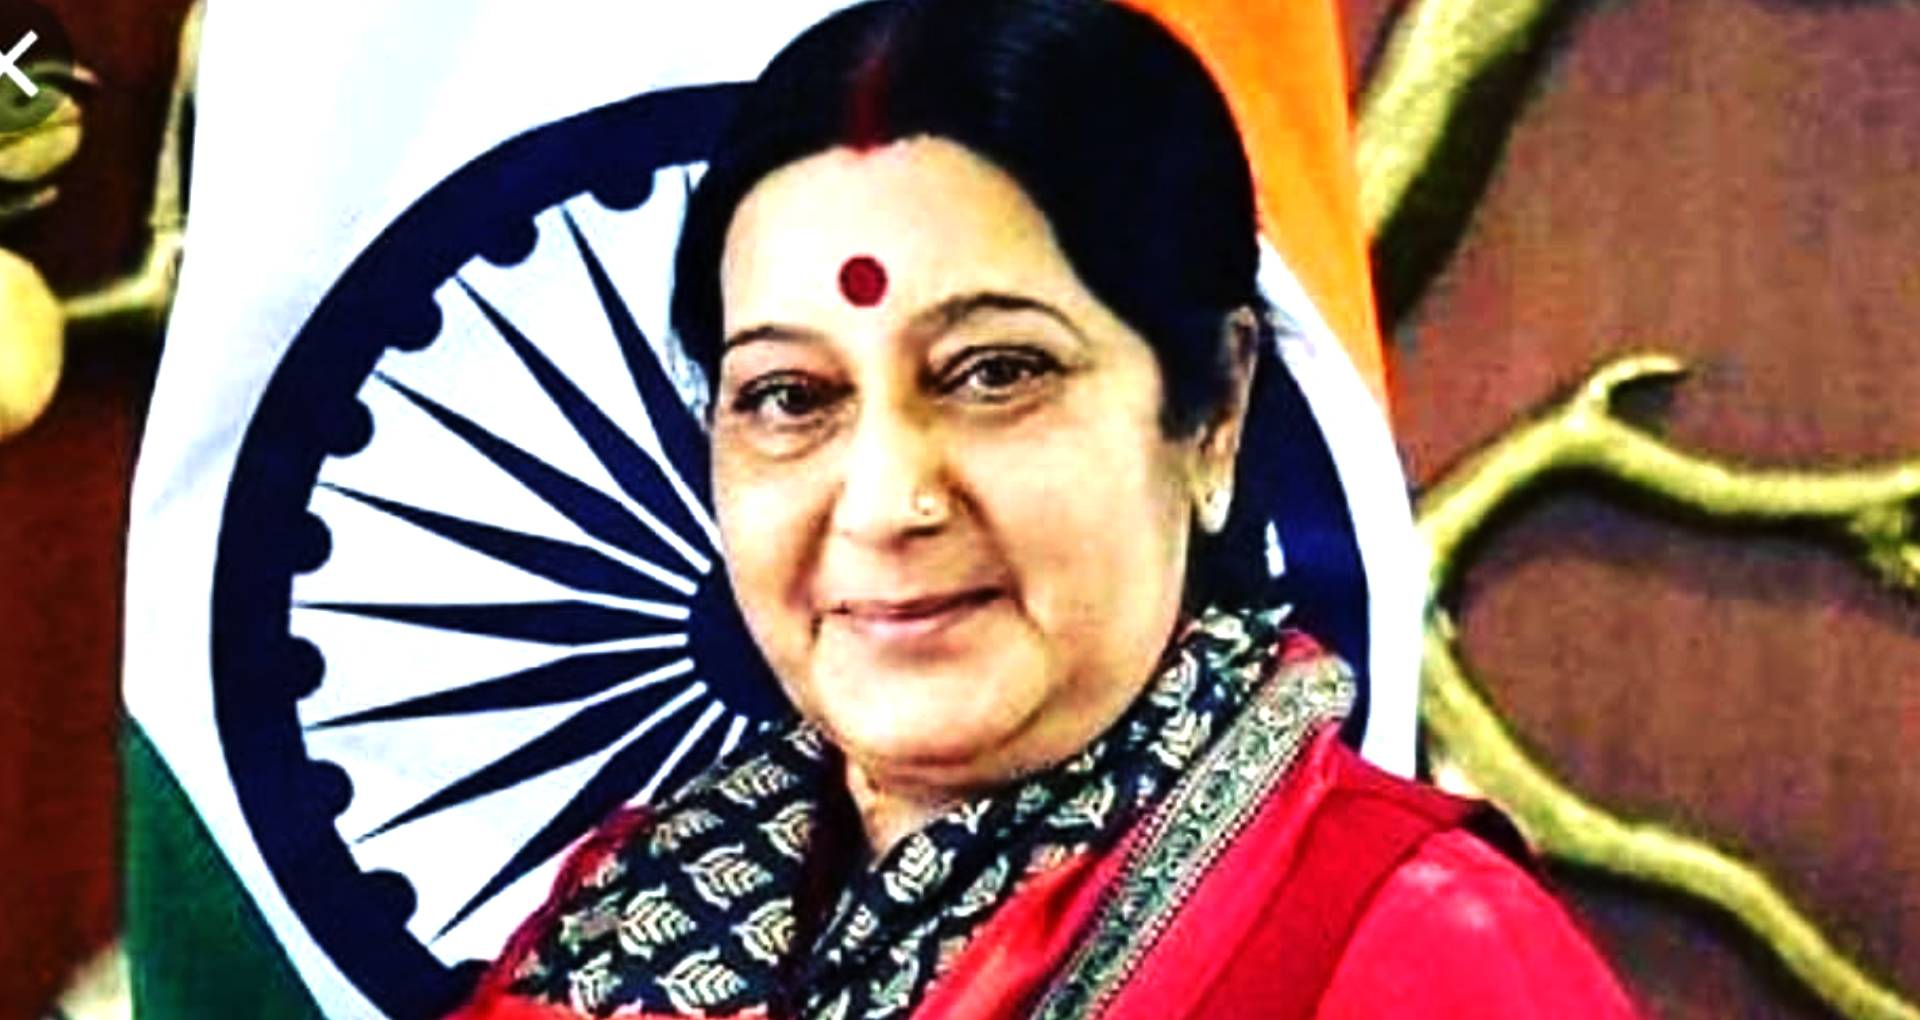 RIP Sushma Swaraj: सबसे कम उम्र की CM, 25 साल में बनीं कैबिनेट मंत्री, जानिए सुषमा स्वराज का सियासी सफर